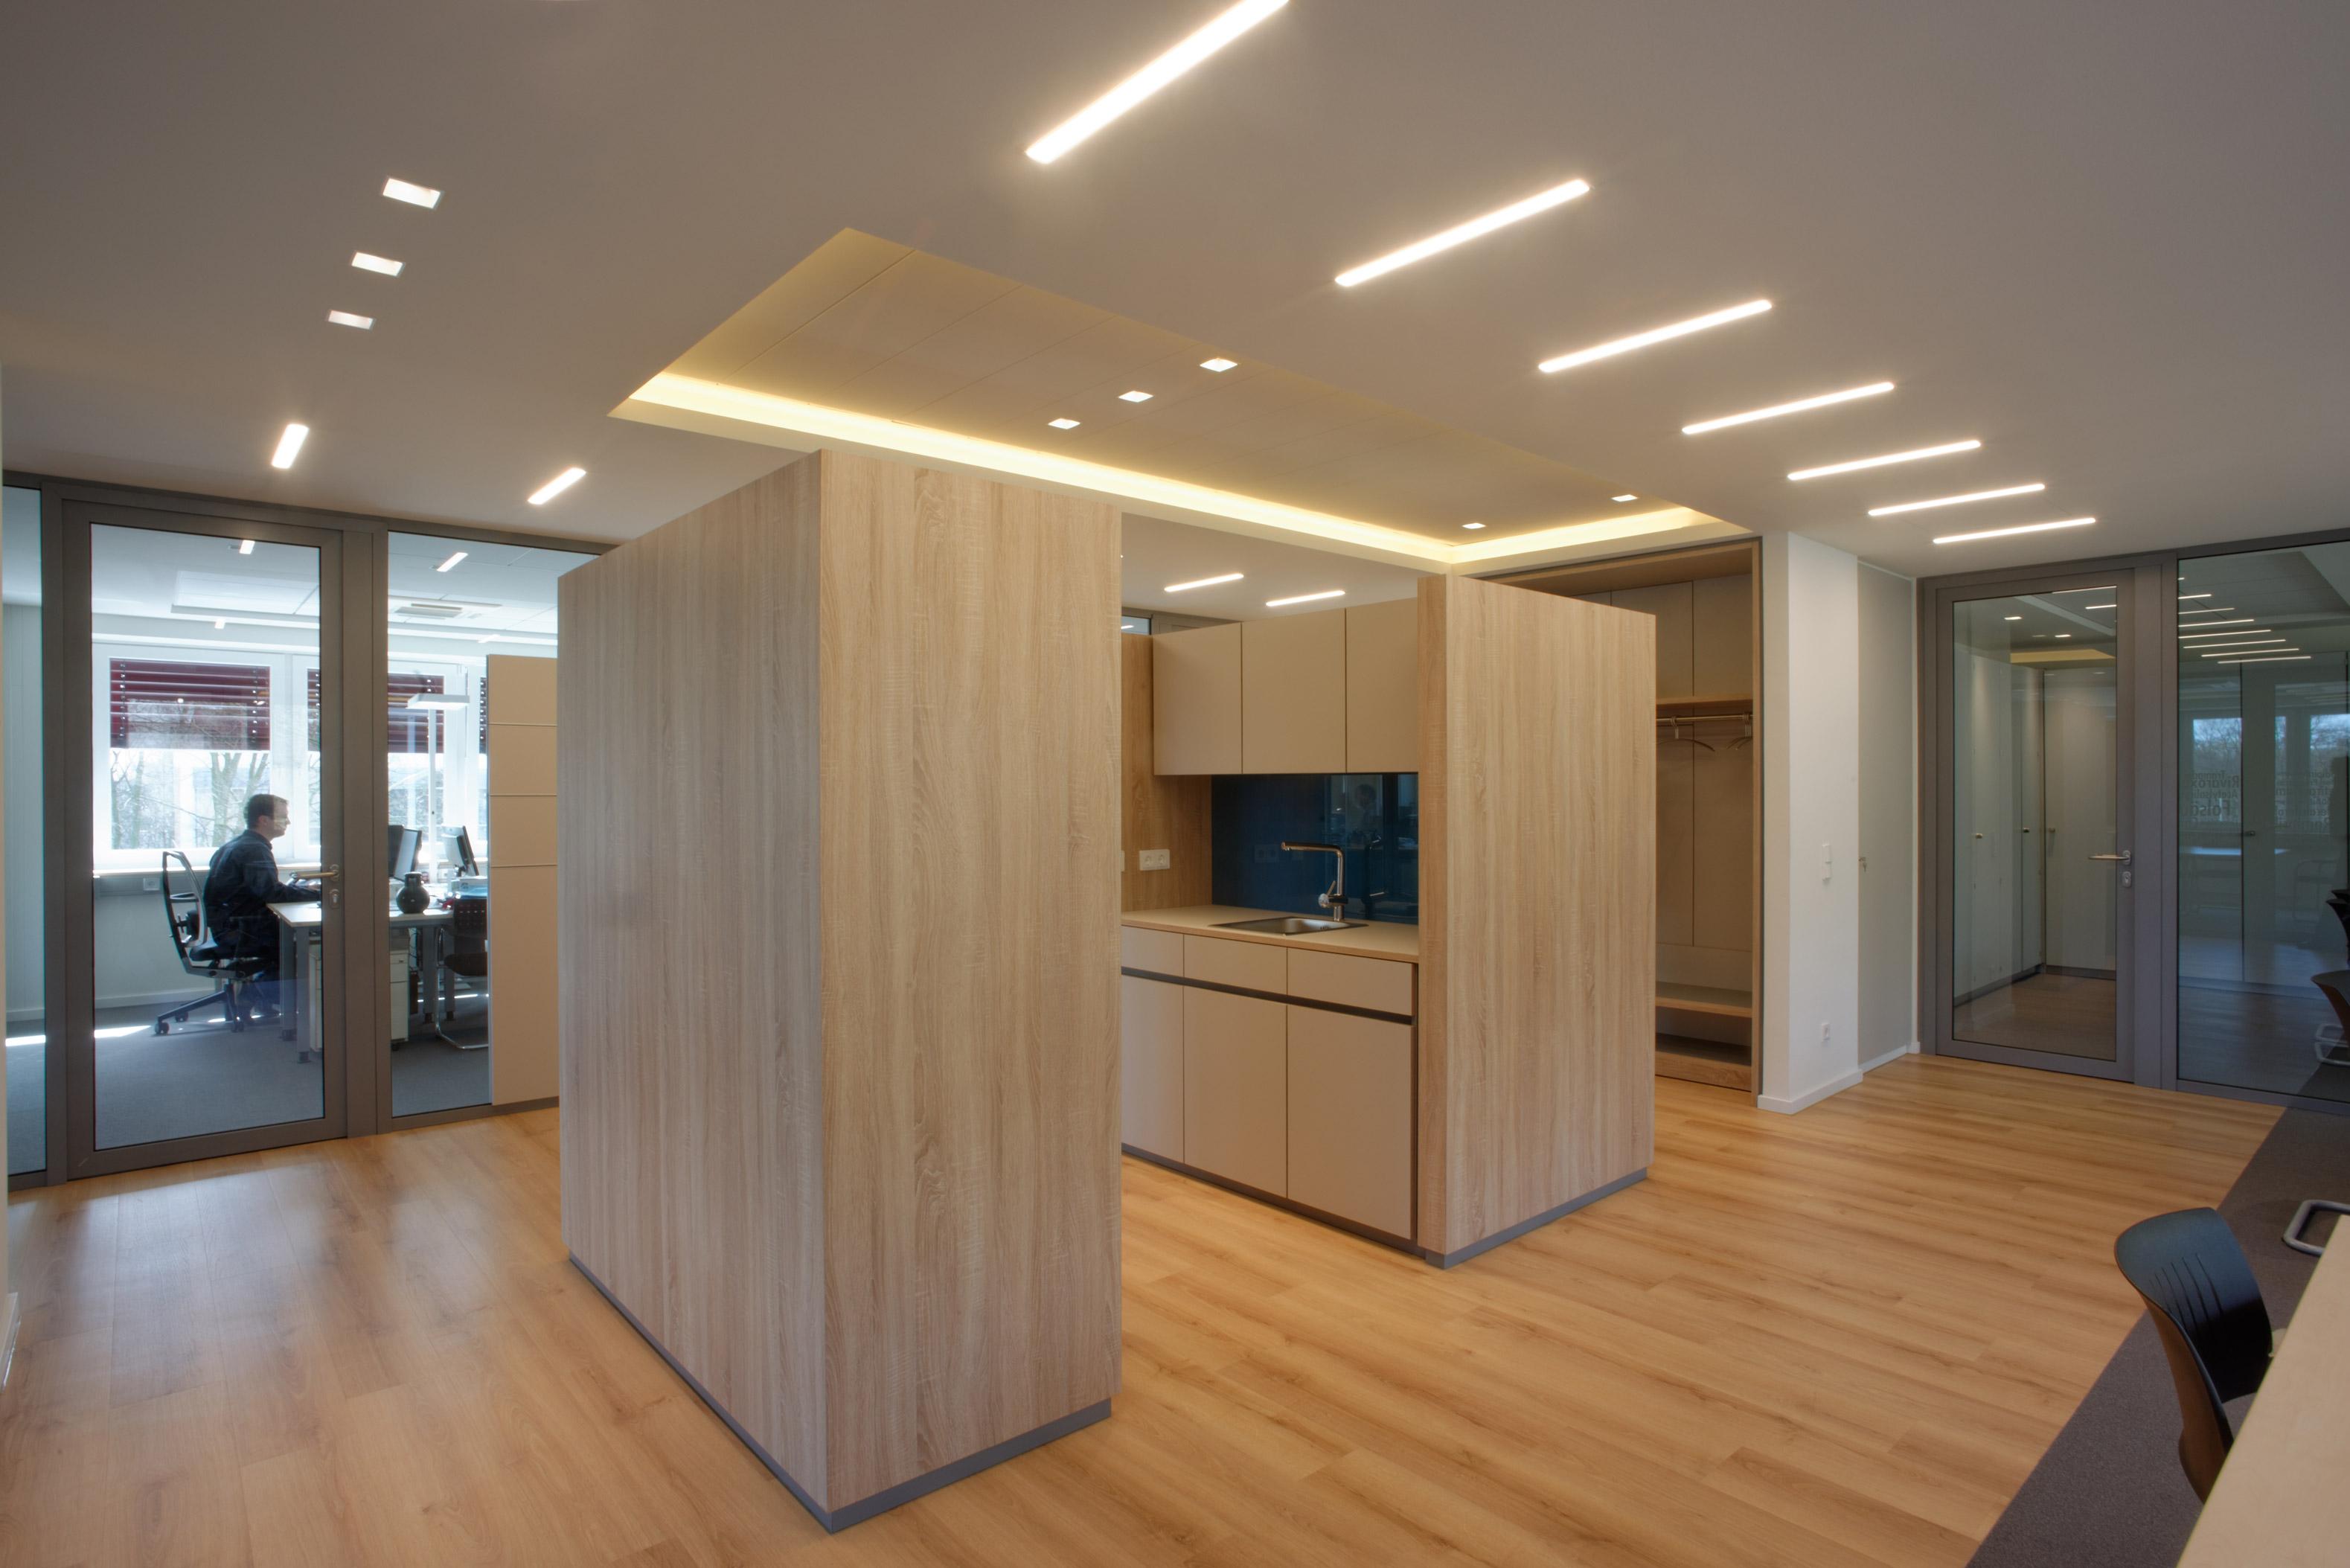 adler apotheke architektur m bel cattau. Black Bedroom Furniture Sets. Home Design Ideas